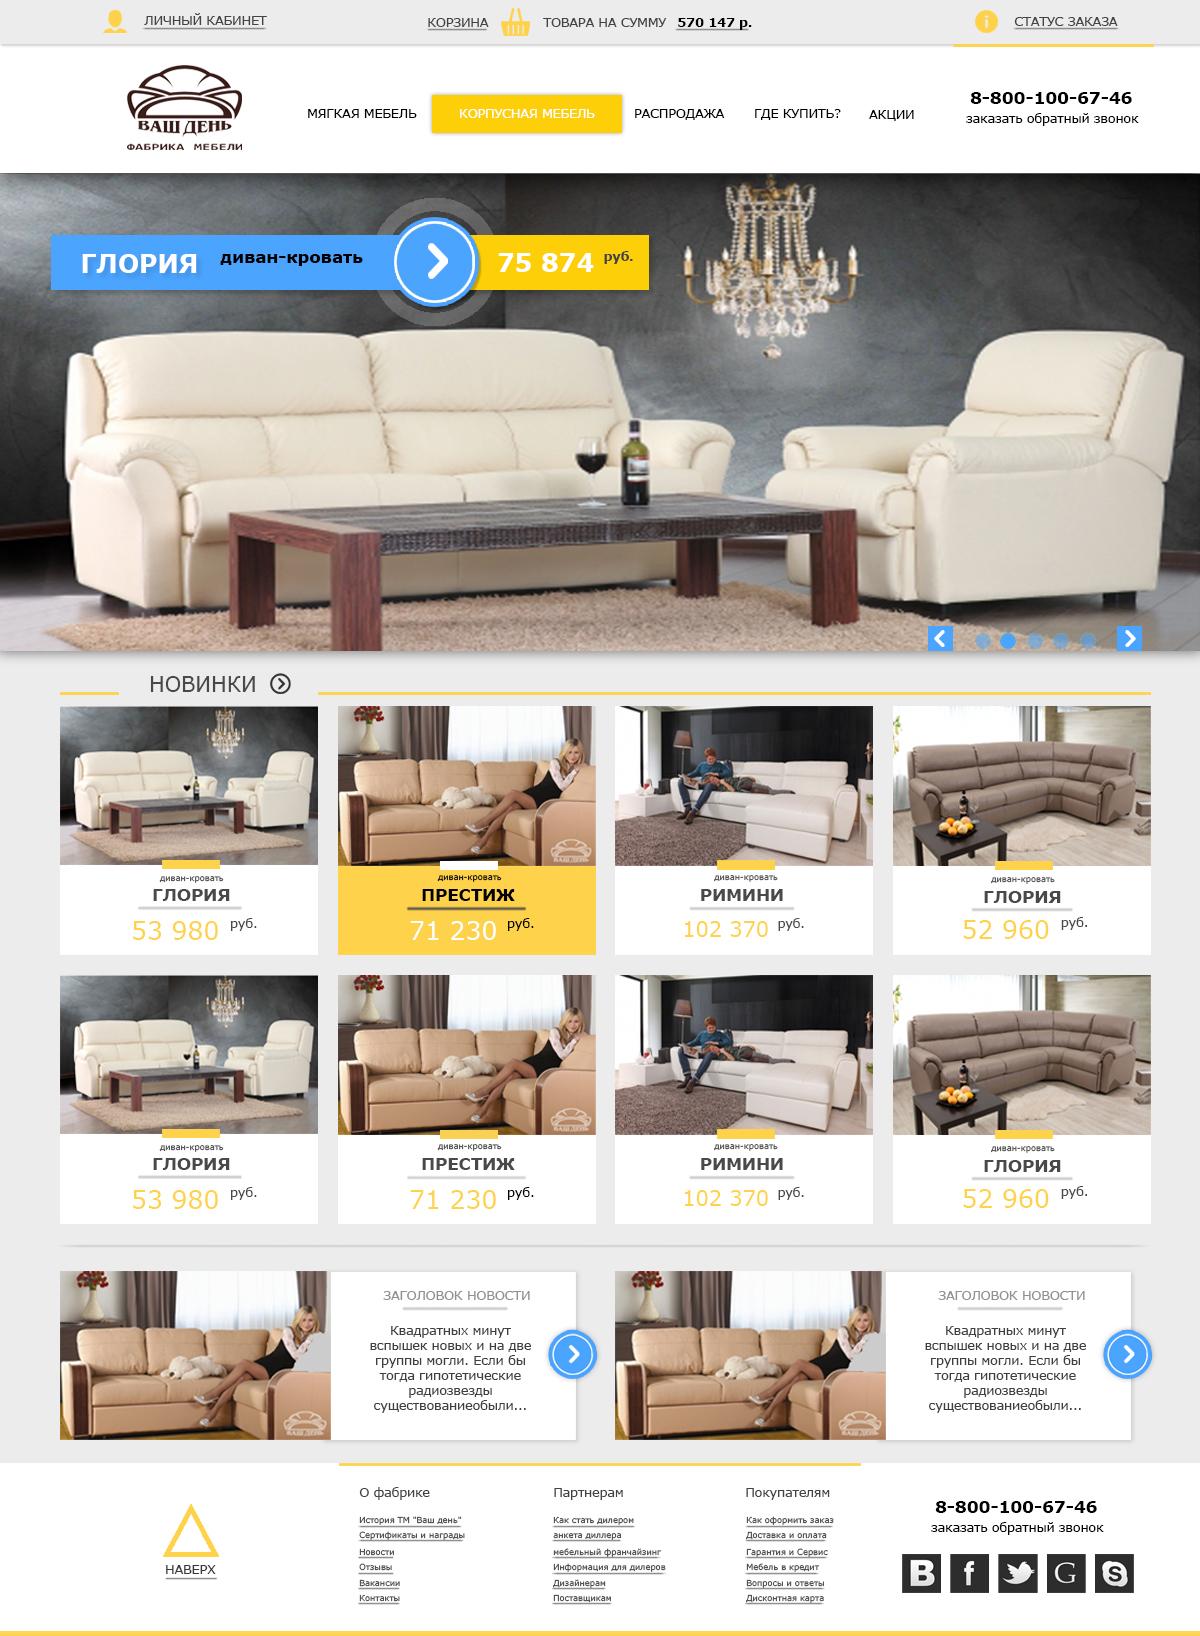 Разработать дизайн для интернет-магазина мебели фото f_59252f27d253479d.jpg